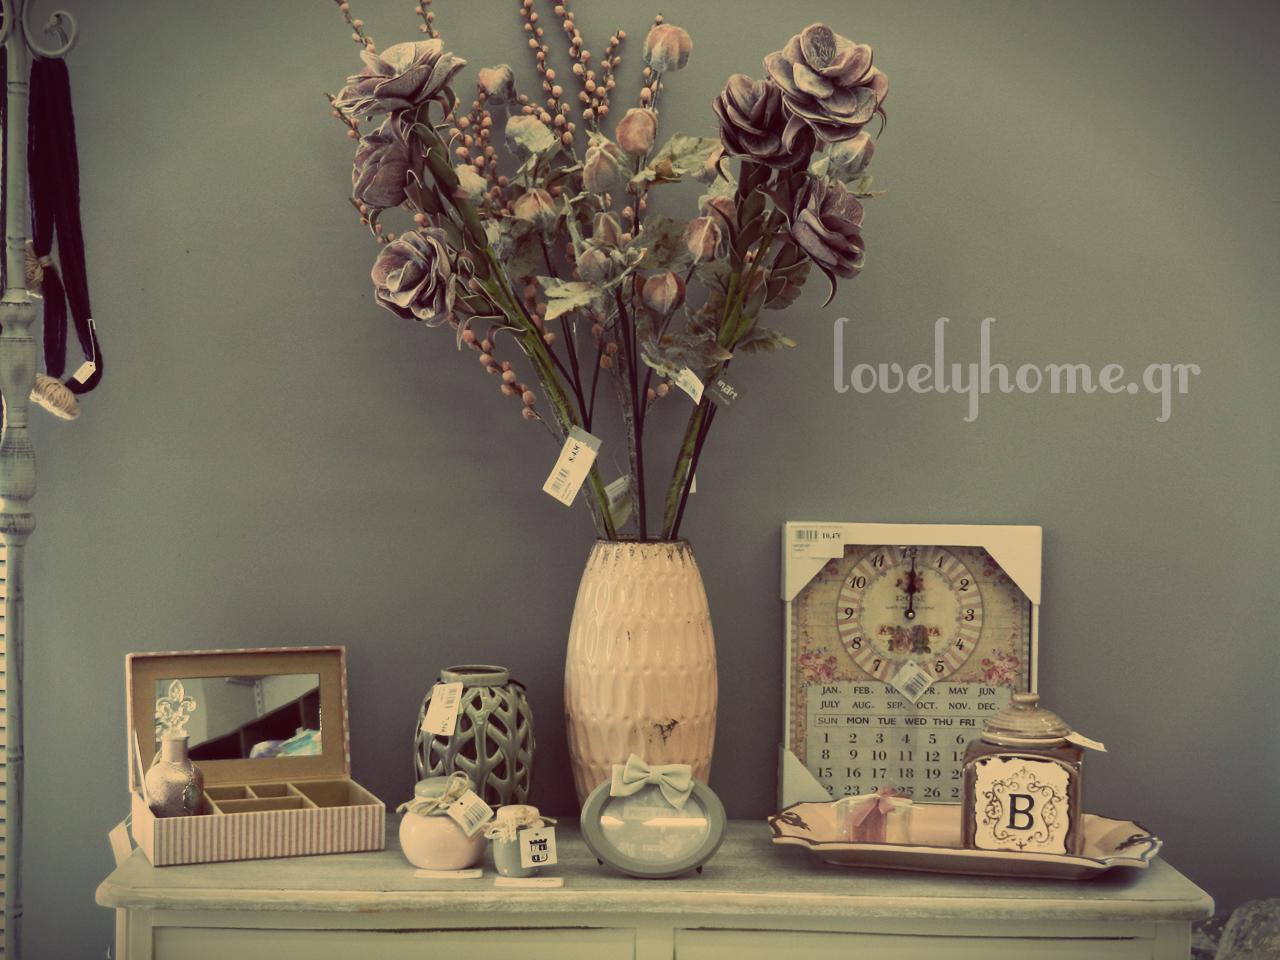 Διαγωνισμός με φωτογραφίες από διακοσμήσεις με αντικείμενα από το lovelyhome